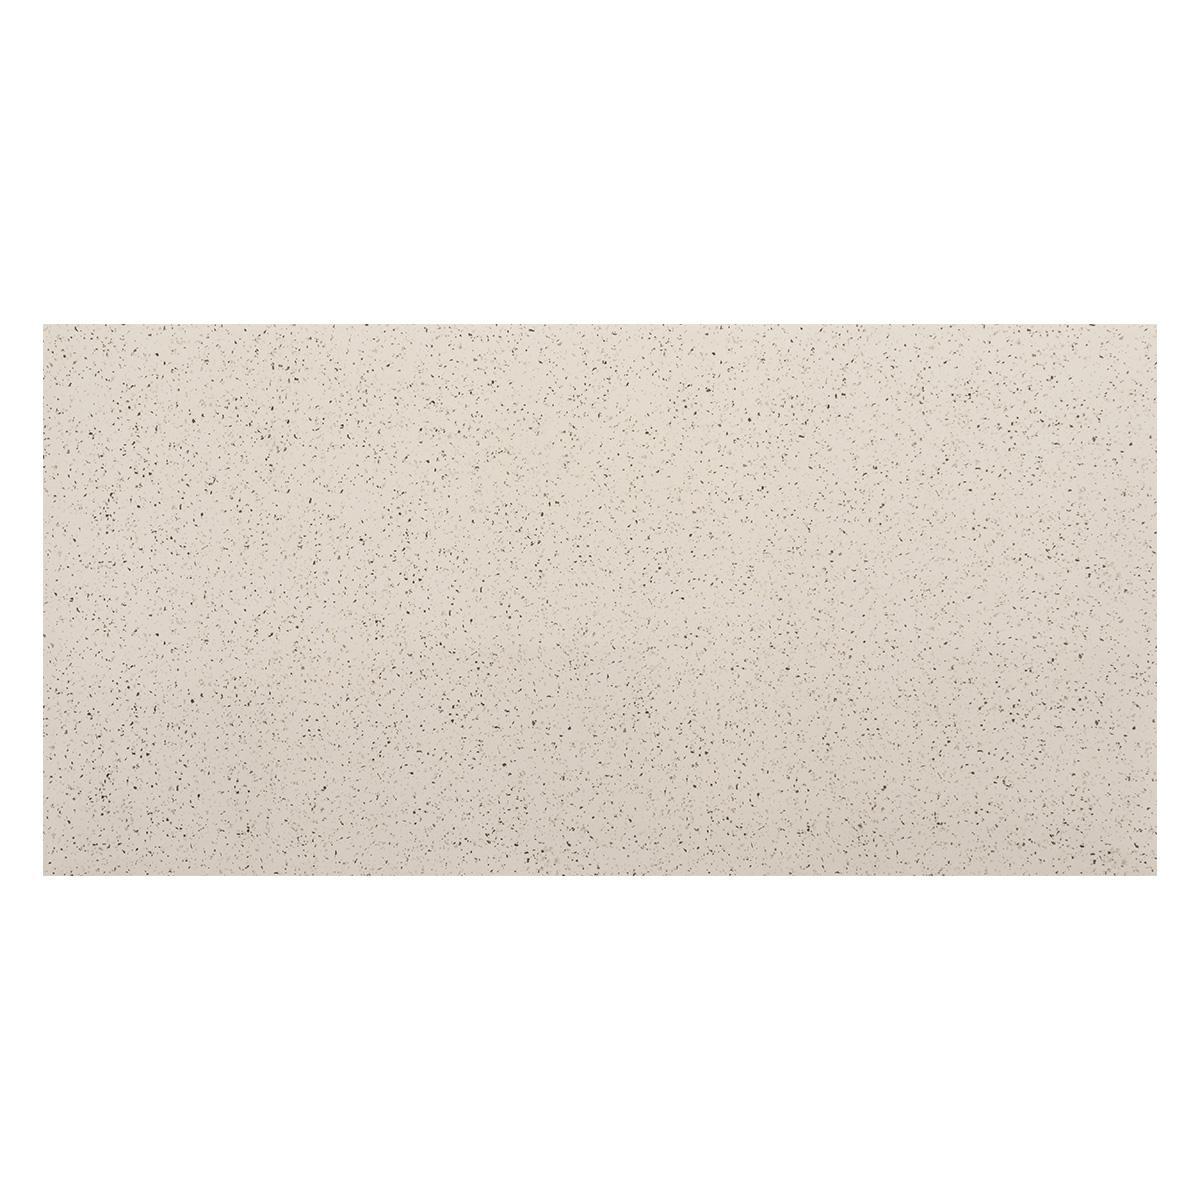 Porcelanato Cuarz Blanco Brillante - 60X120 cm - 1.44 m2